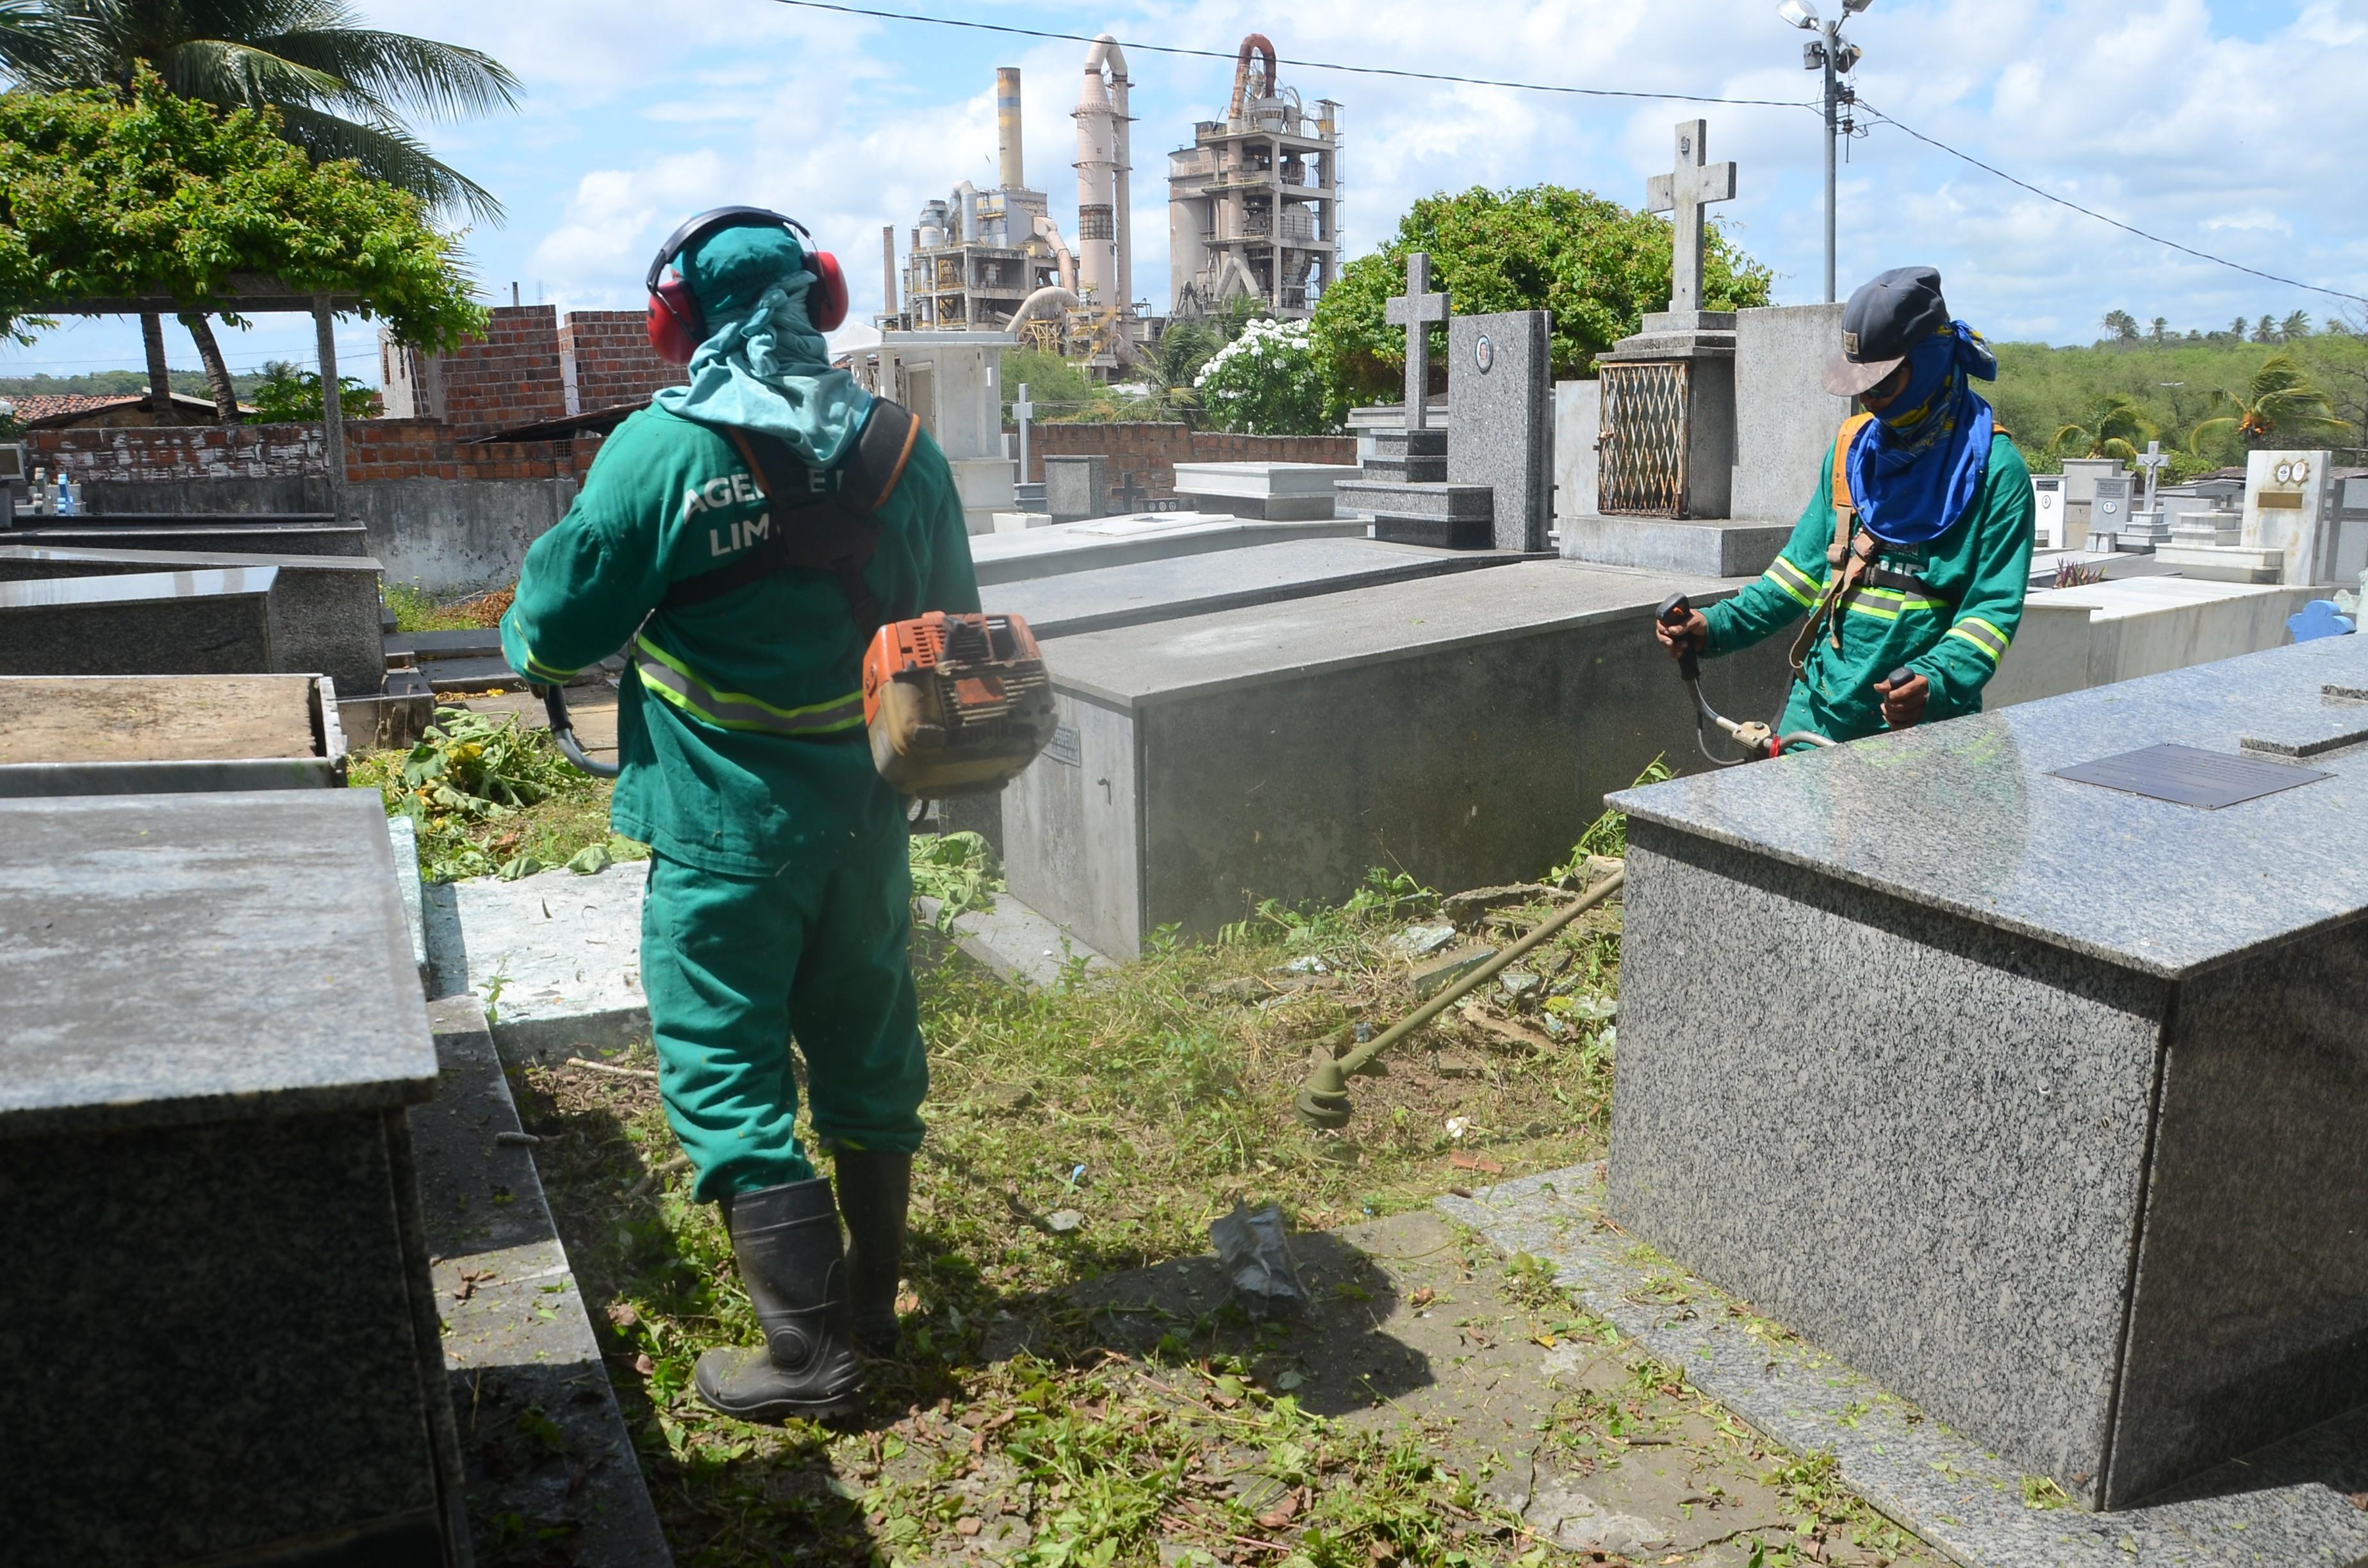 Cemitérios de João Pessoa vão ser abertos para Dia de Finados, mas sem celebrações religiosas